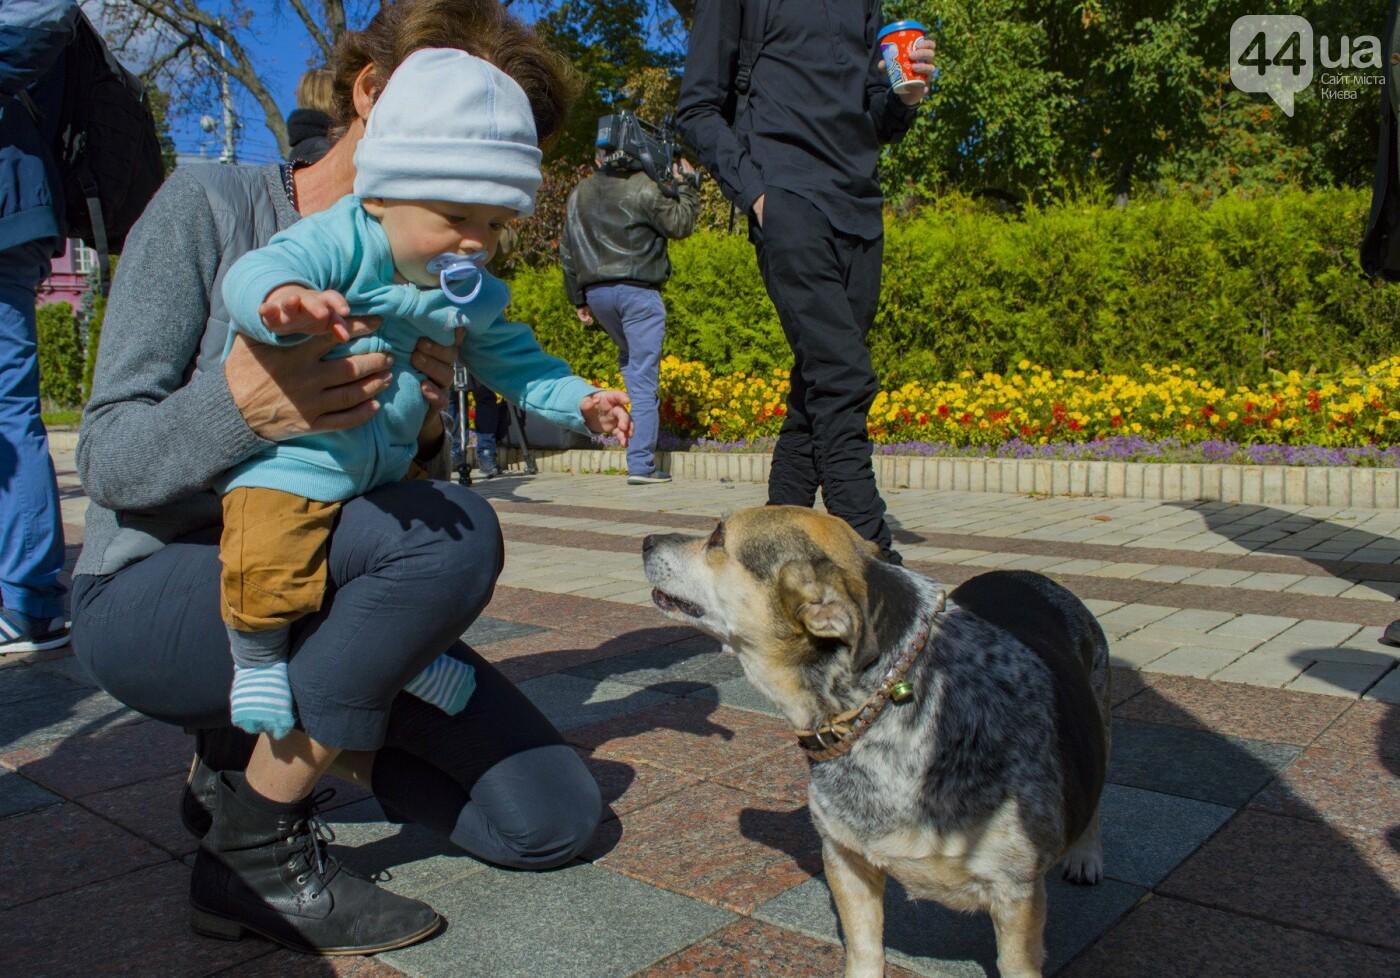 Собаки, коты и хомячки: в Киеве прошла акция за права животных, - ФОТОРЕПОРТАЖ, фото-11